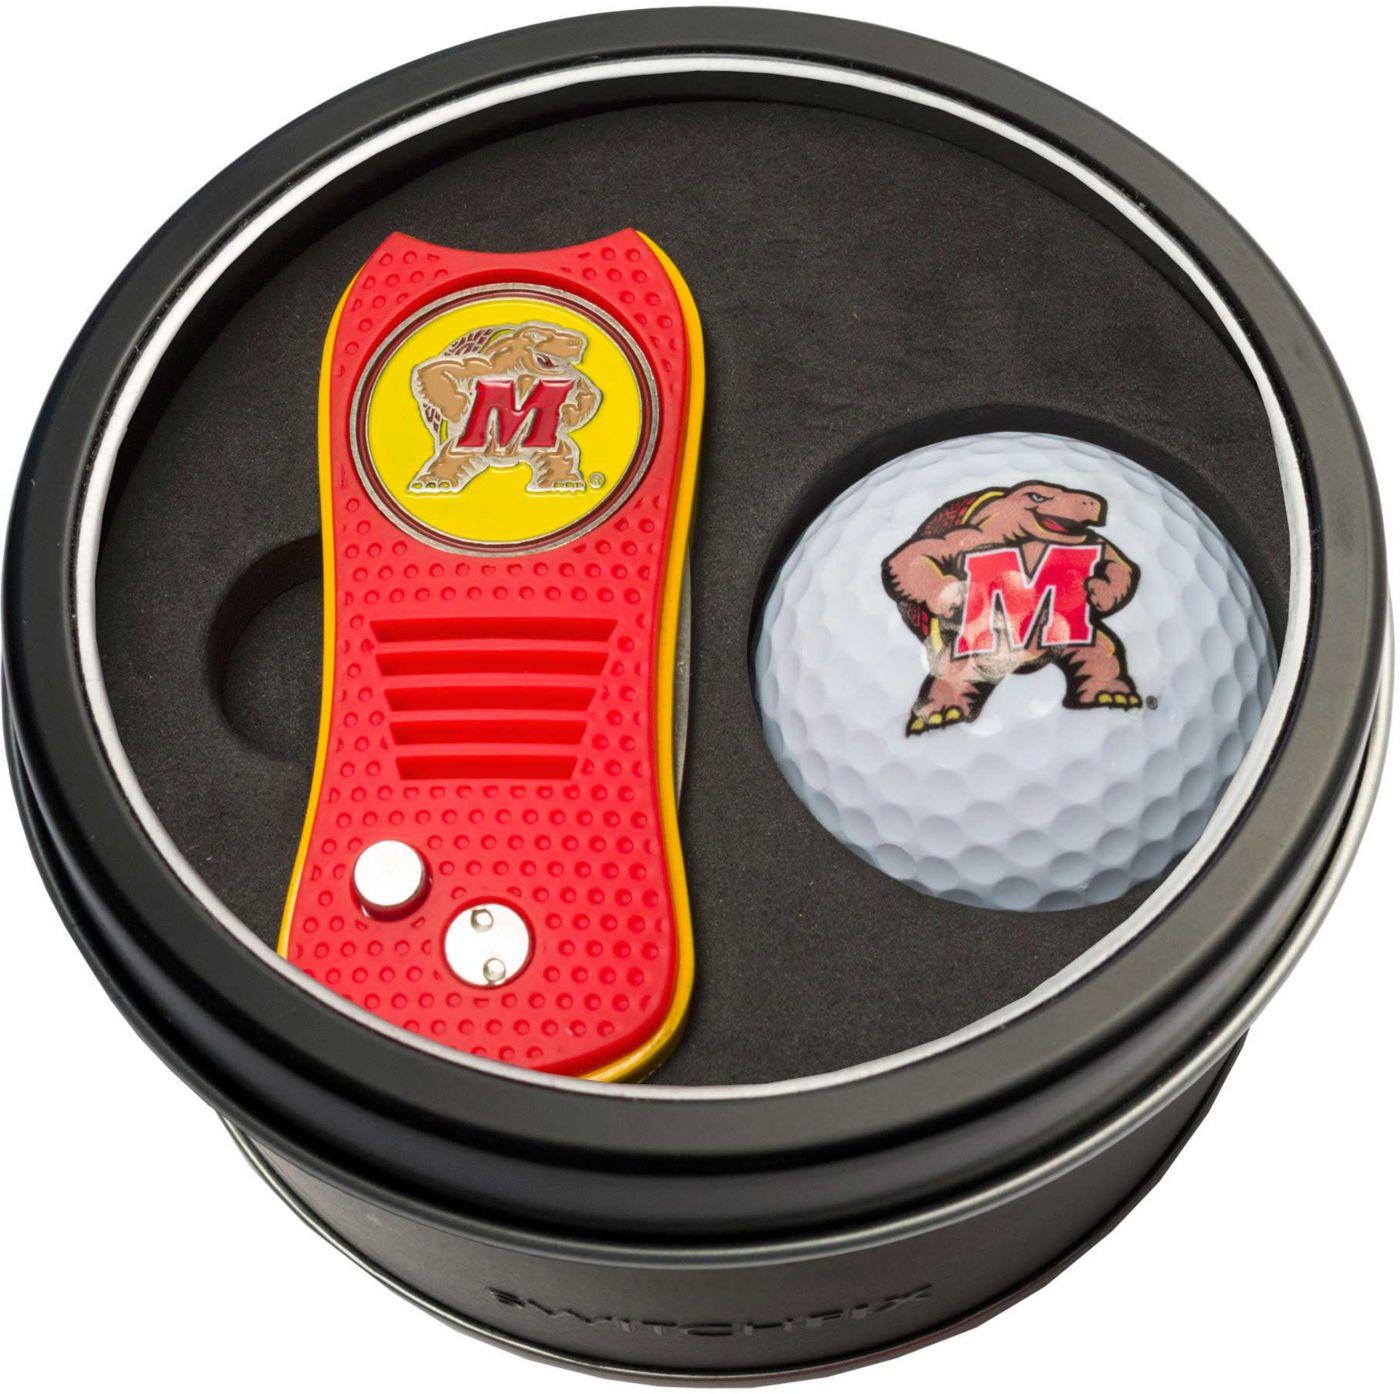 Team Golf Maryland Terrapins Switchfix Divot Tool and Golf Ball Set